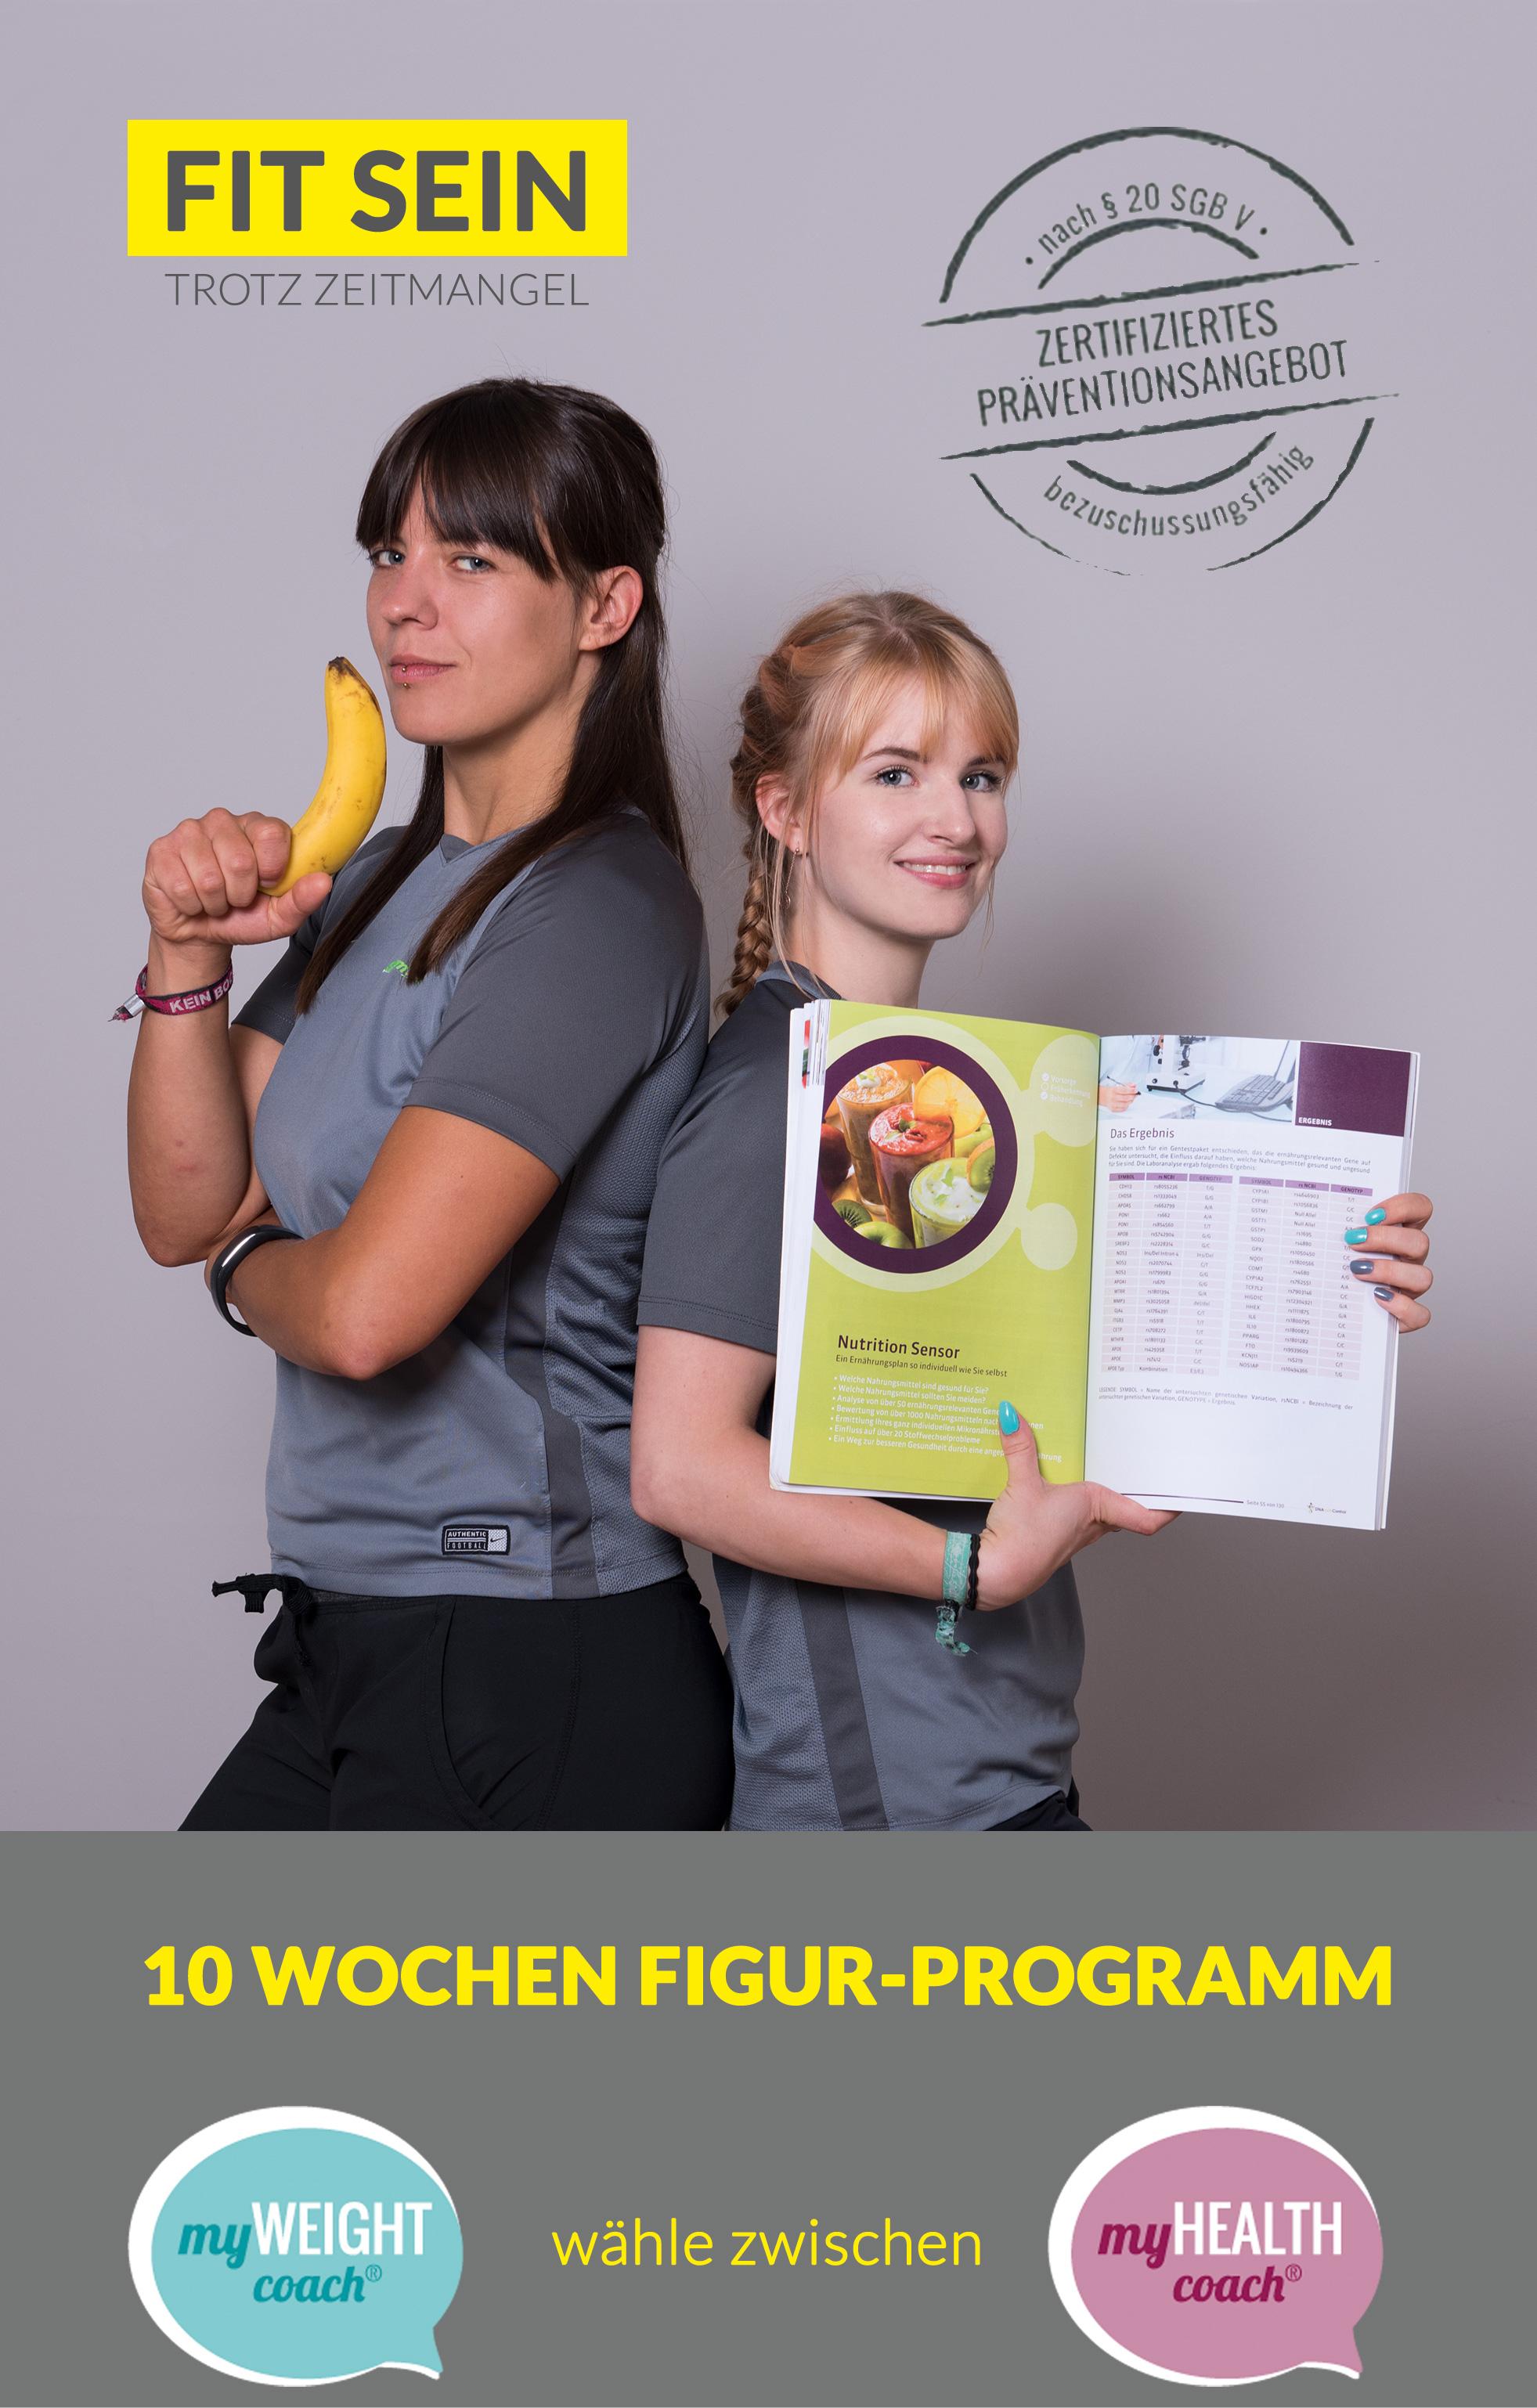 10 Wochen Figur-Programm bei Slim-Gym Mitte